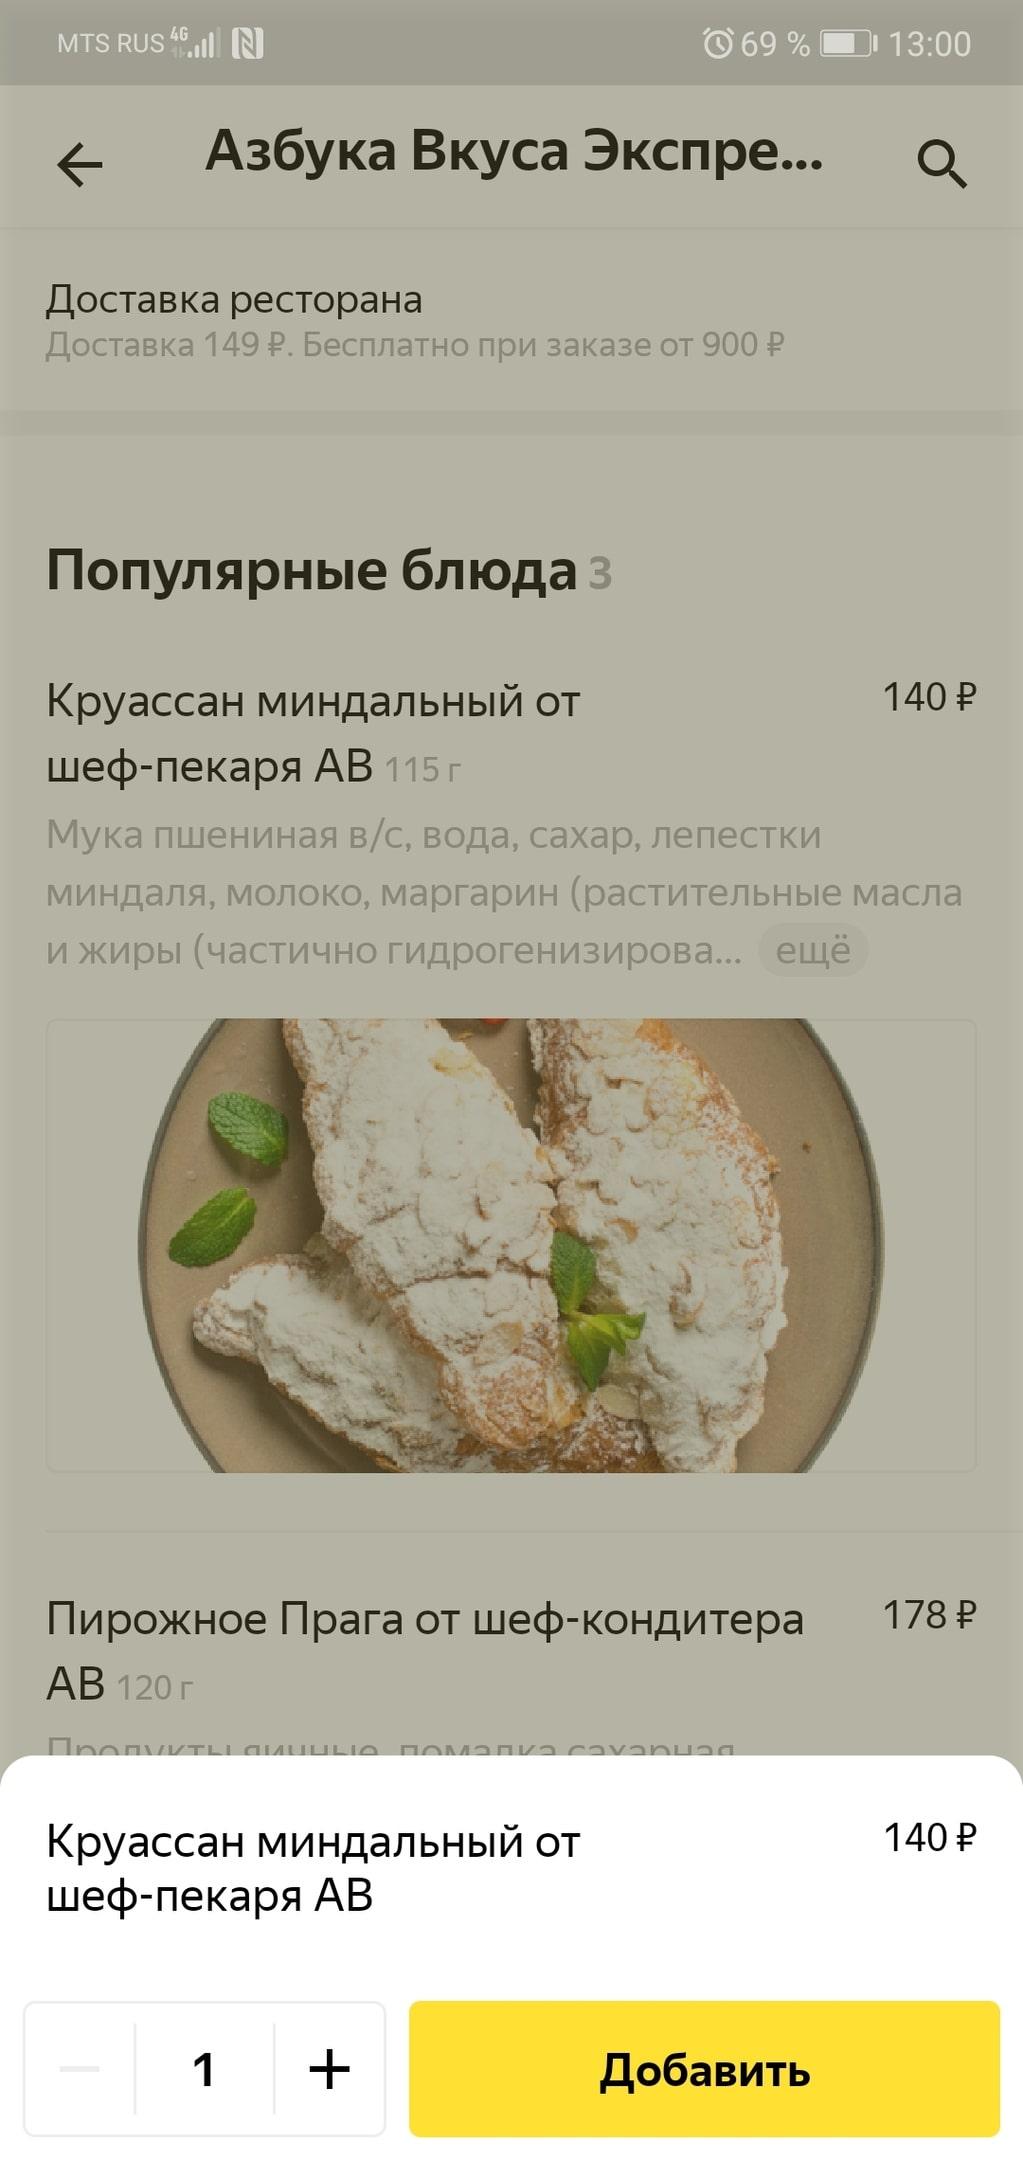 Выбор блюда